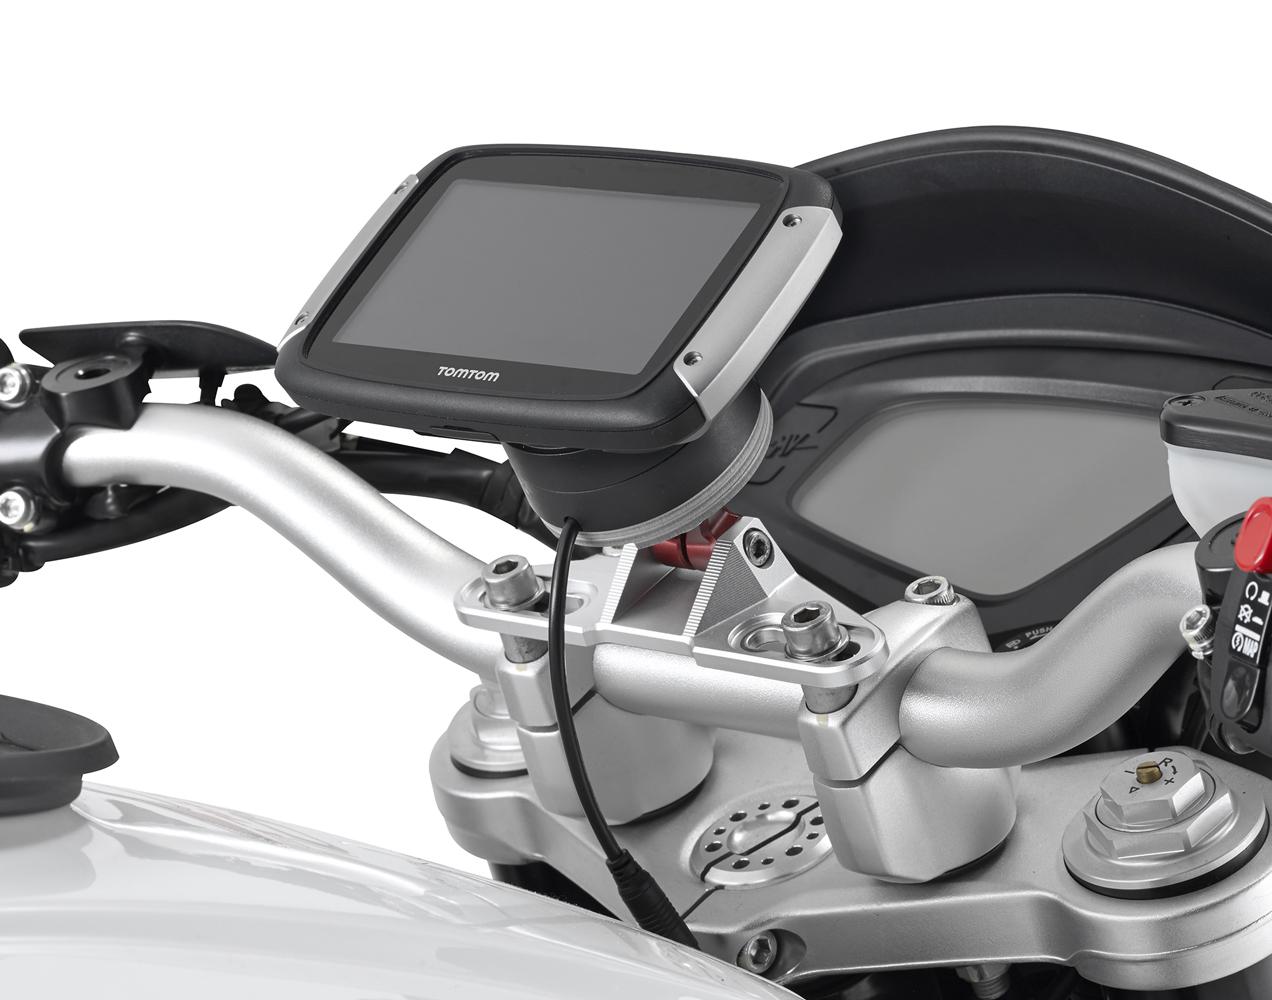 S901A Supporto Manubrio Smart Mount+05SKIT Kit Montaggio Kawasaki Versys 1000 15